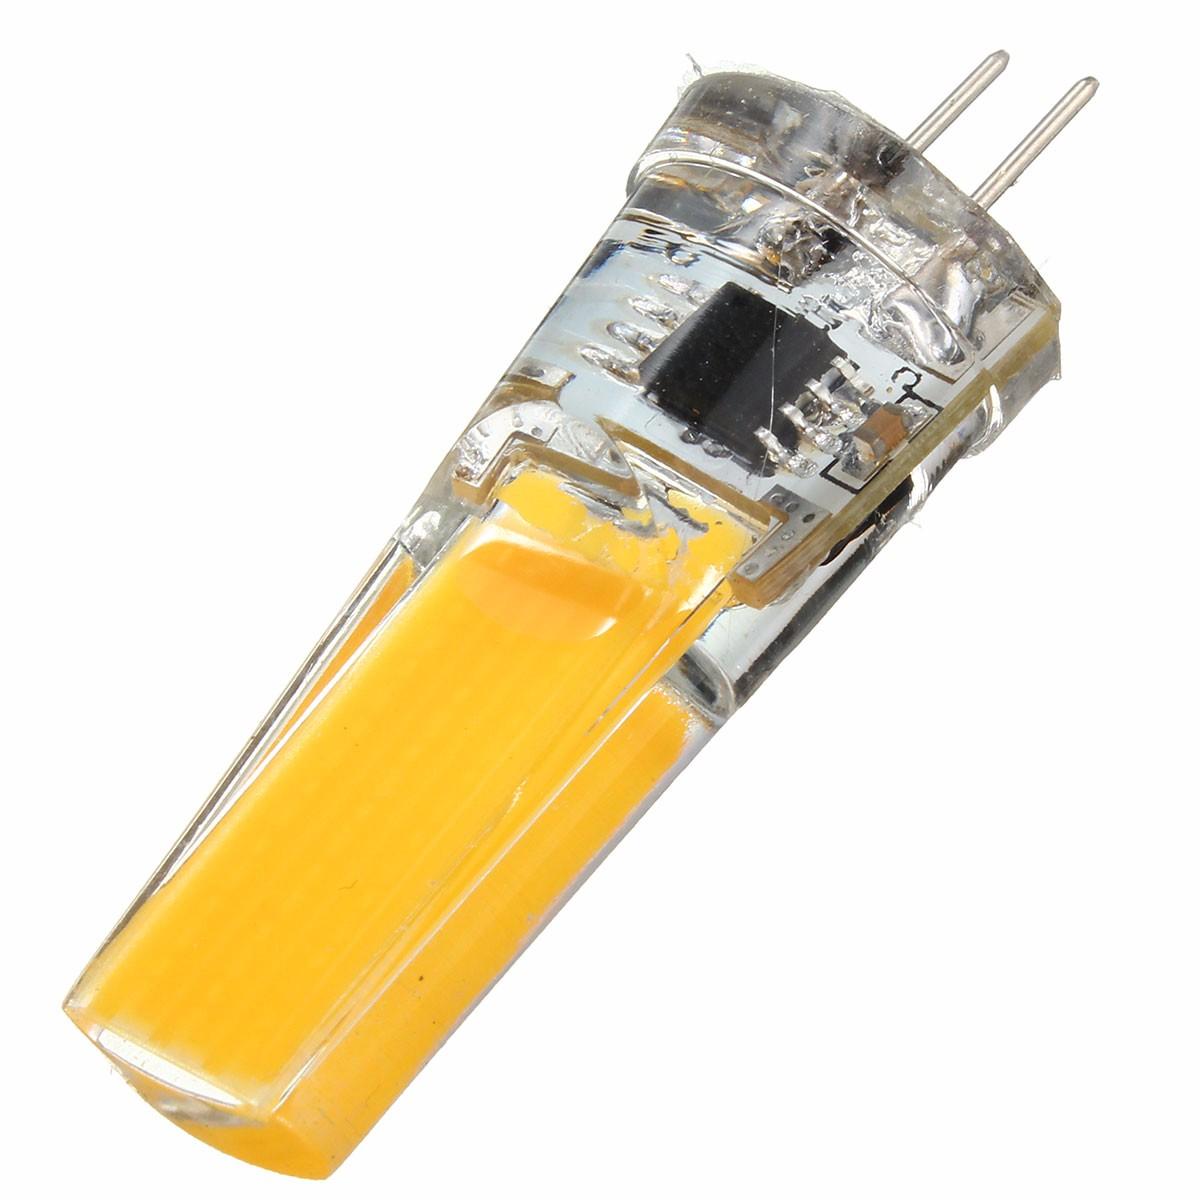 dimmbar g4 6w 9w led cob leuchtmittel stiftsockel ersetze halogen ac dc 12v 220v ebay